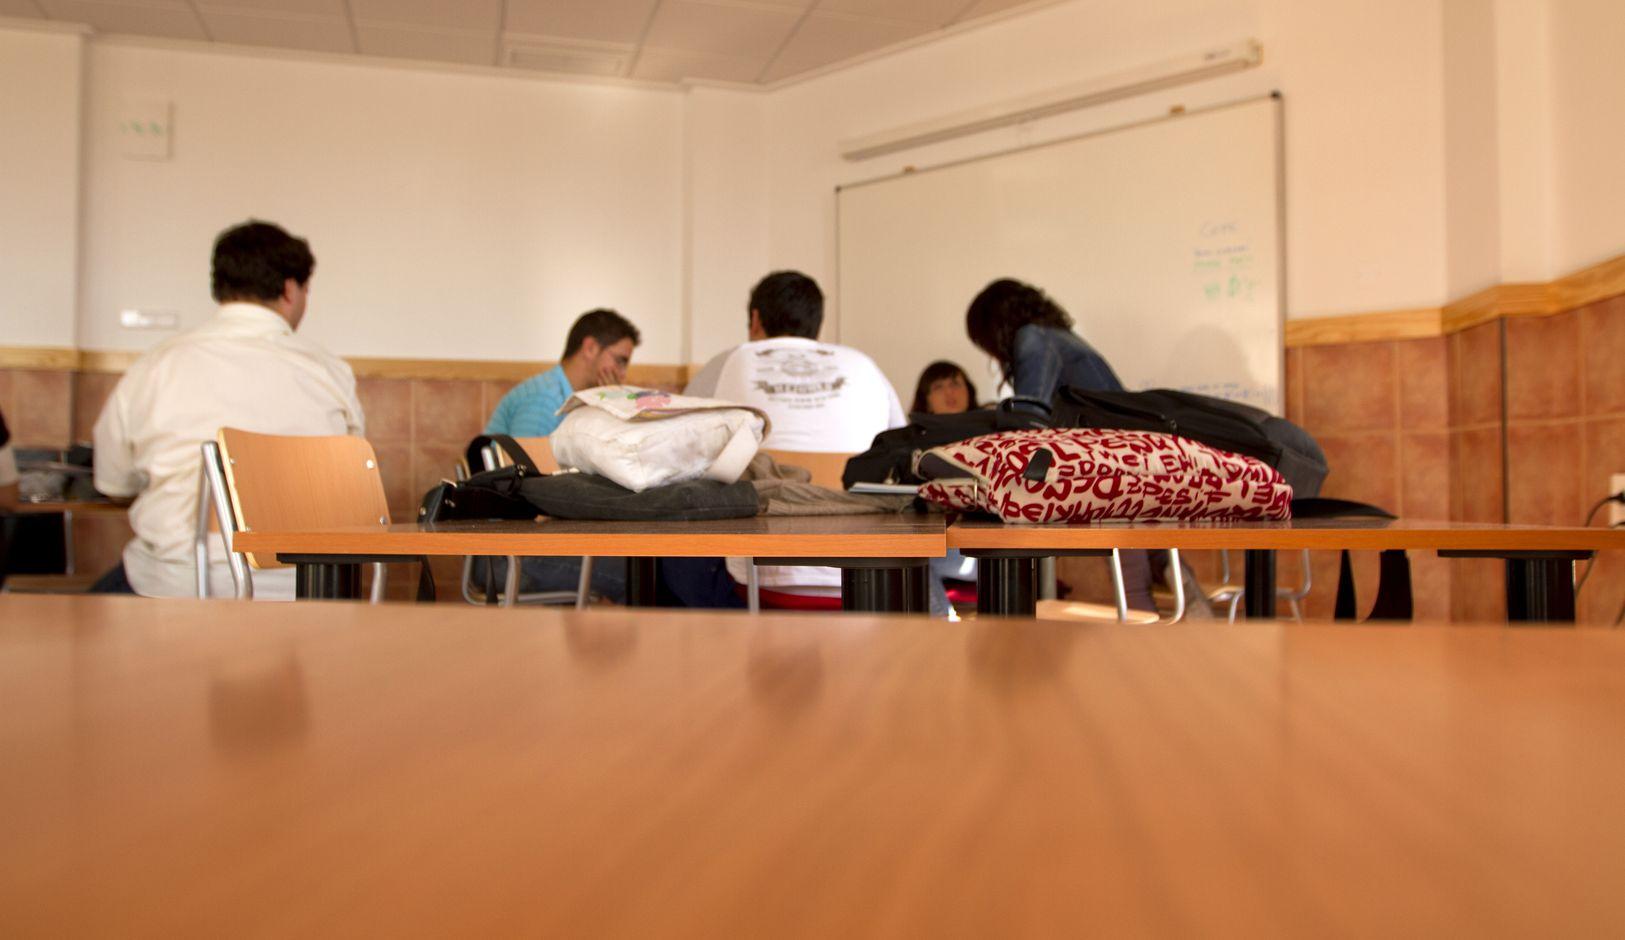 estudiantes practica arquitectura mesa 1_result.jpg